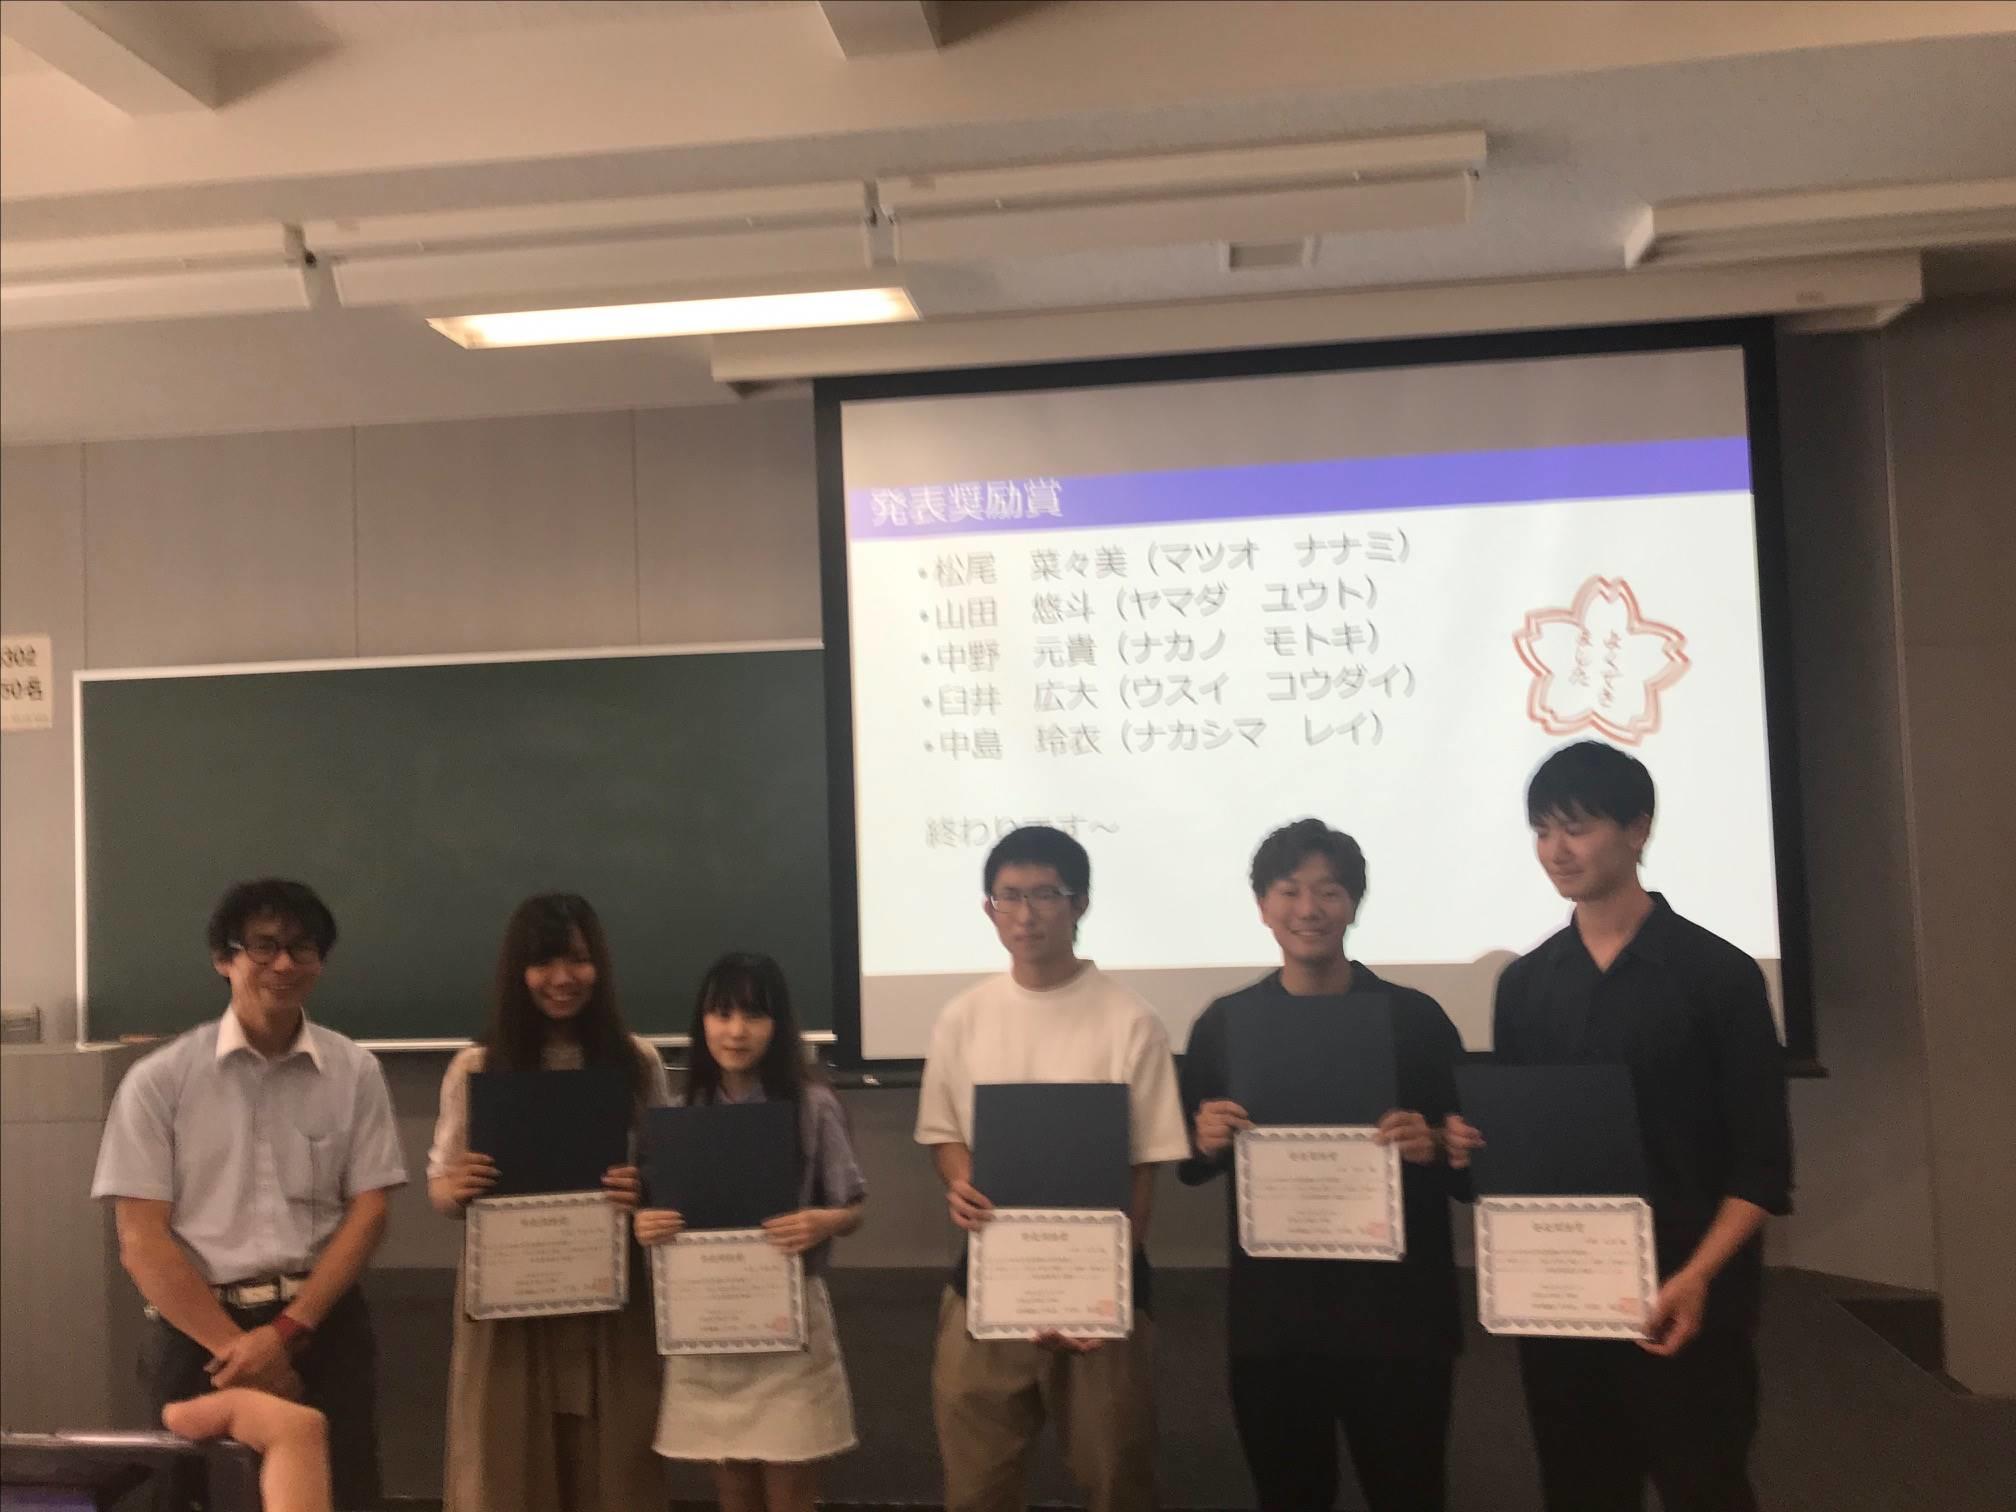 プレゼン実習の優秀な発表をした学生の表彰後の記念写真